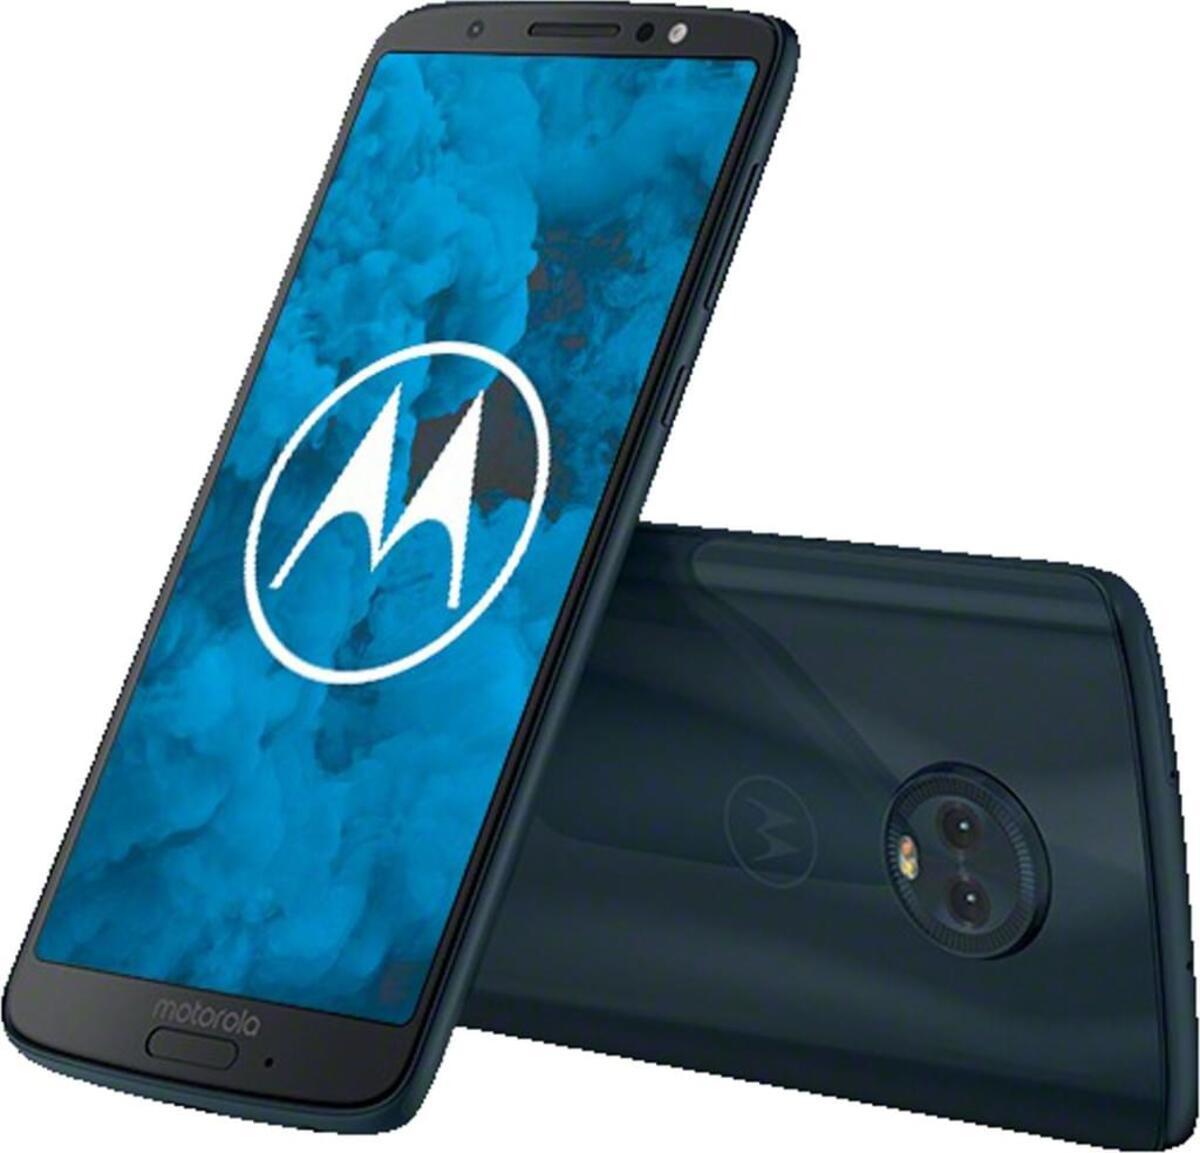 Bild 2 von Motorola Smartphone 14,5cm (5,7 Zoll) Moto G6, DualSIM, 32 GB, Farbe: Indigo